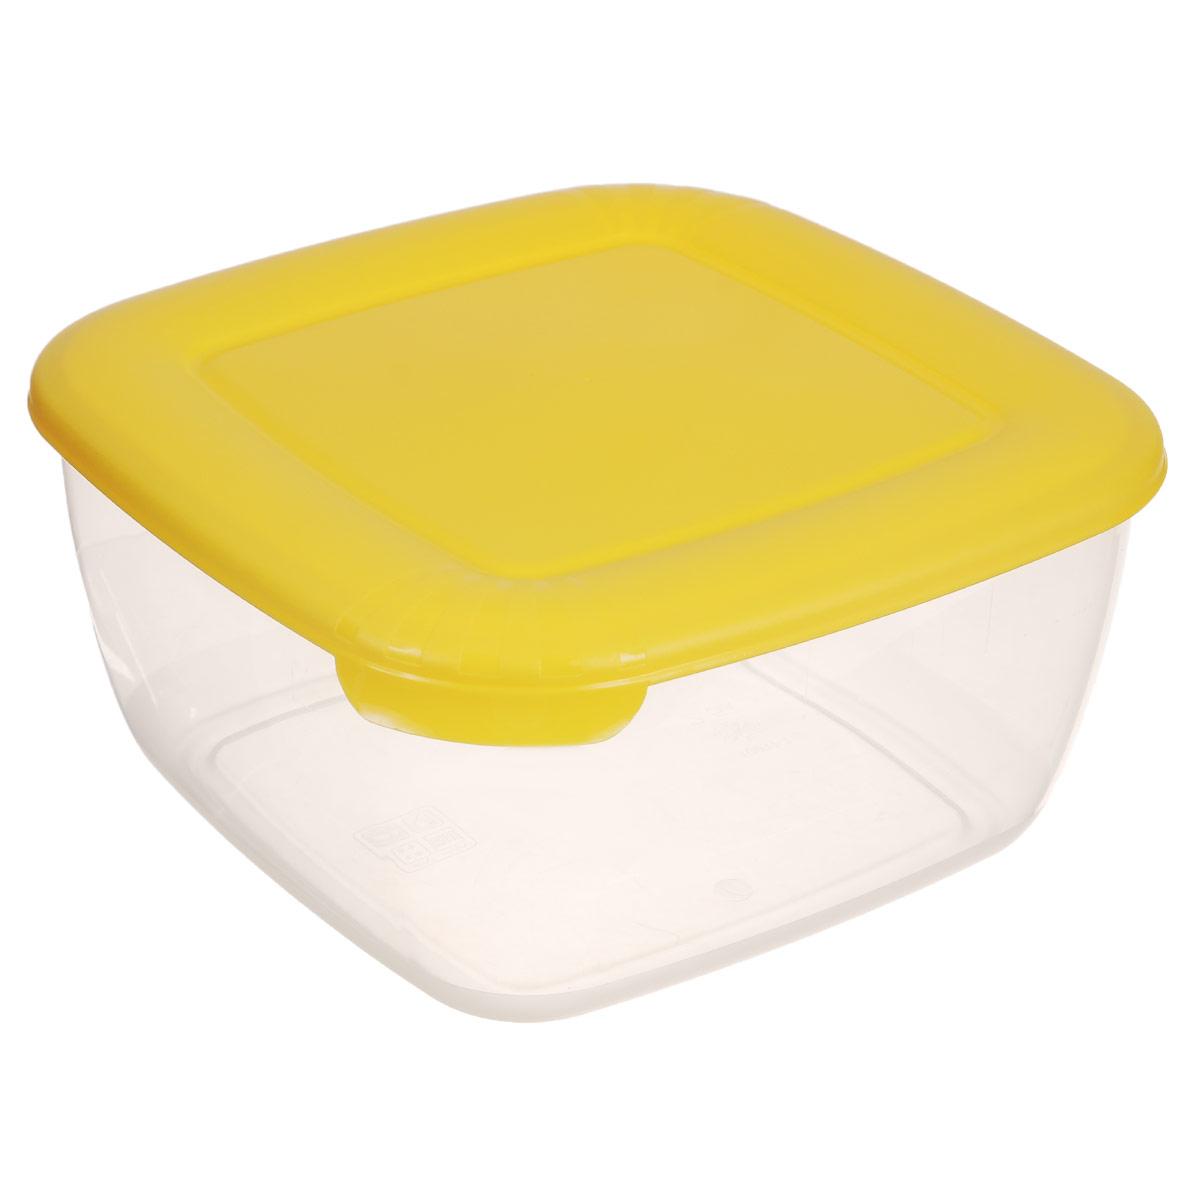 Контейнер Полимербыт Лайт, цвет: желтый, 2,5 лС544Контейнер Полимербыт Лайт квадратной формы, изготовленный из прочного пластика, предназначен специально для хранения пищевых продуктов. Крышка легко открывается и плотно закрывается. Контейнер устойчив к воздействию масел и жиров, легко моется. Прозрачные стенки позволяют видеть содержимое. Контейнер имеет возможность хранения продуктов глубокой заморозки, обладает высокой прочностью. Подходит для использования в микроволновых печах. Можно мыть в посудомоечной машине.